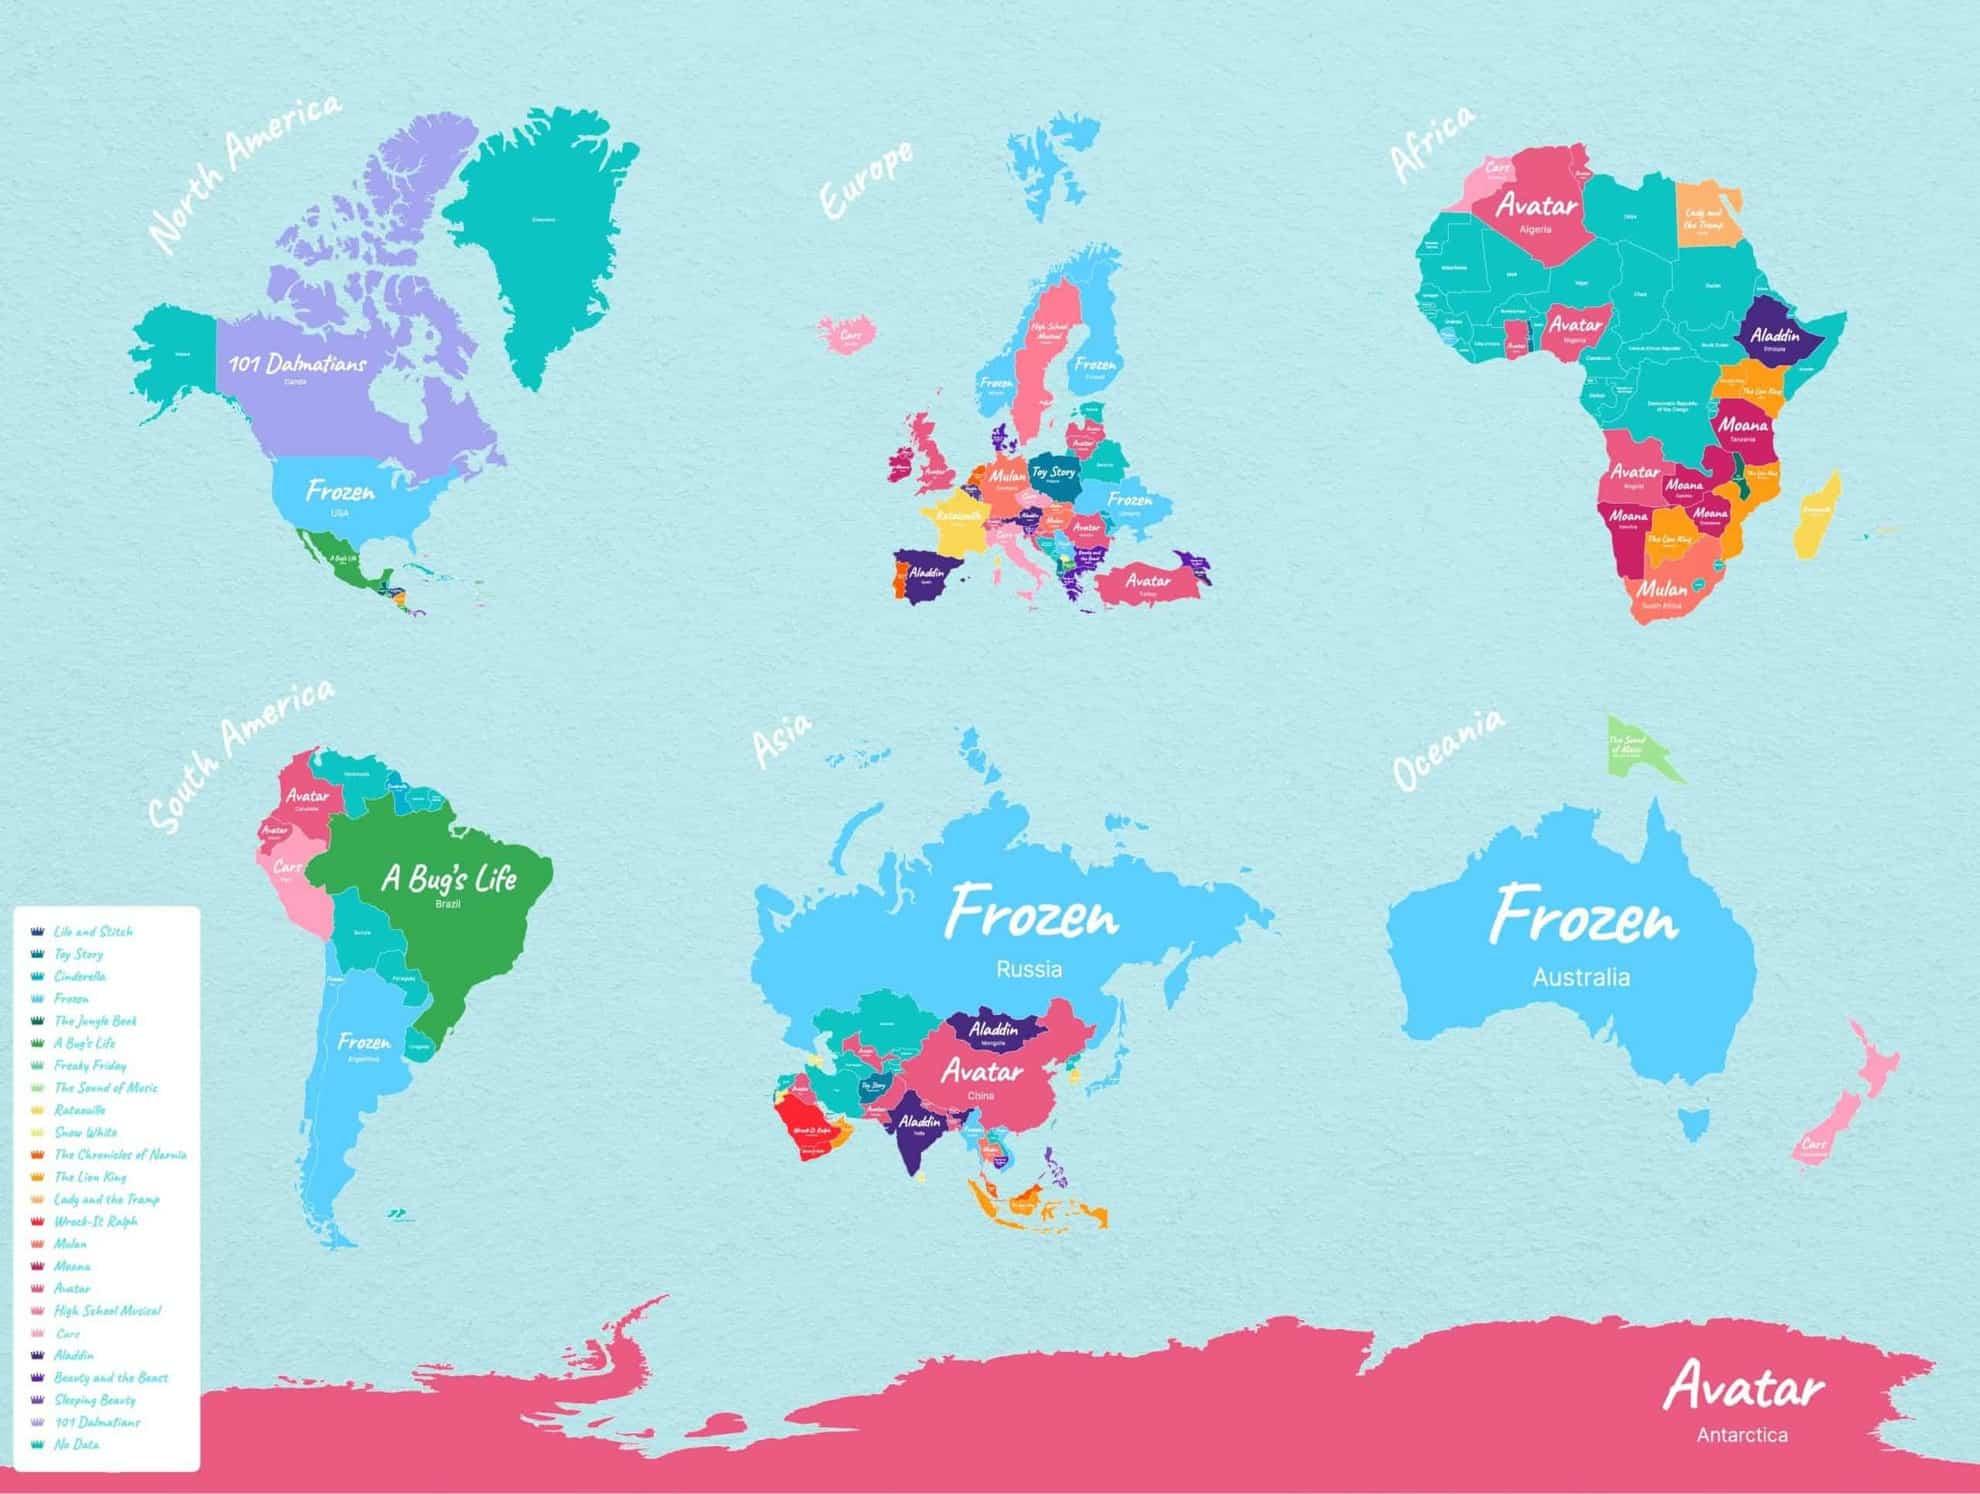 Estas son las películas favoritas de Disney alrededor del mundo